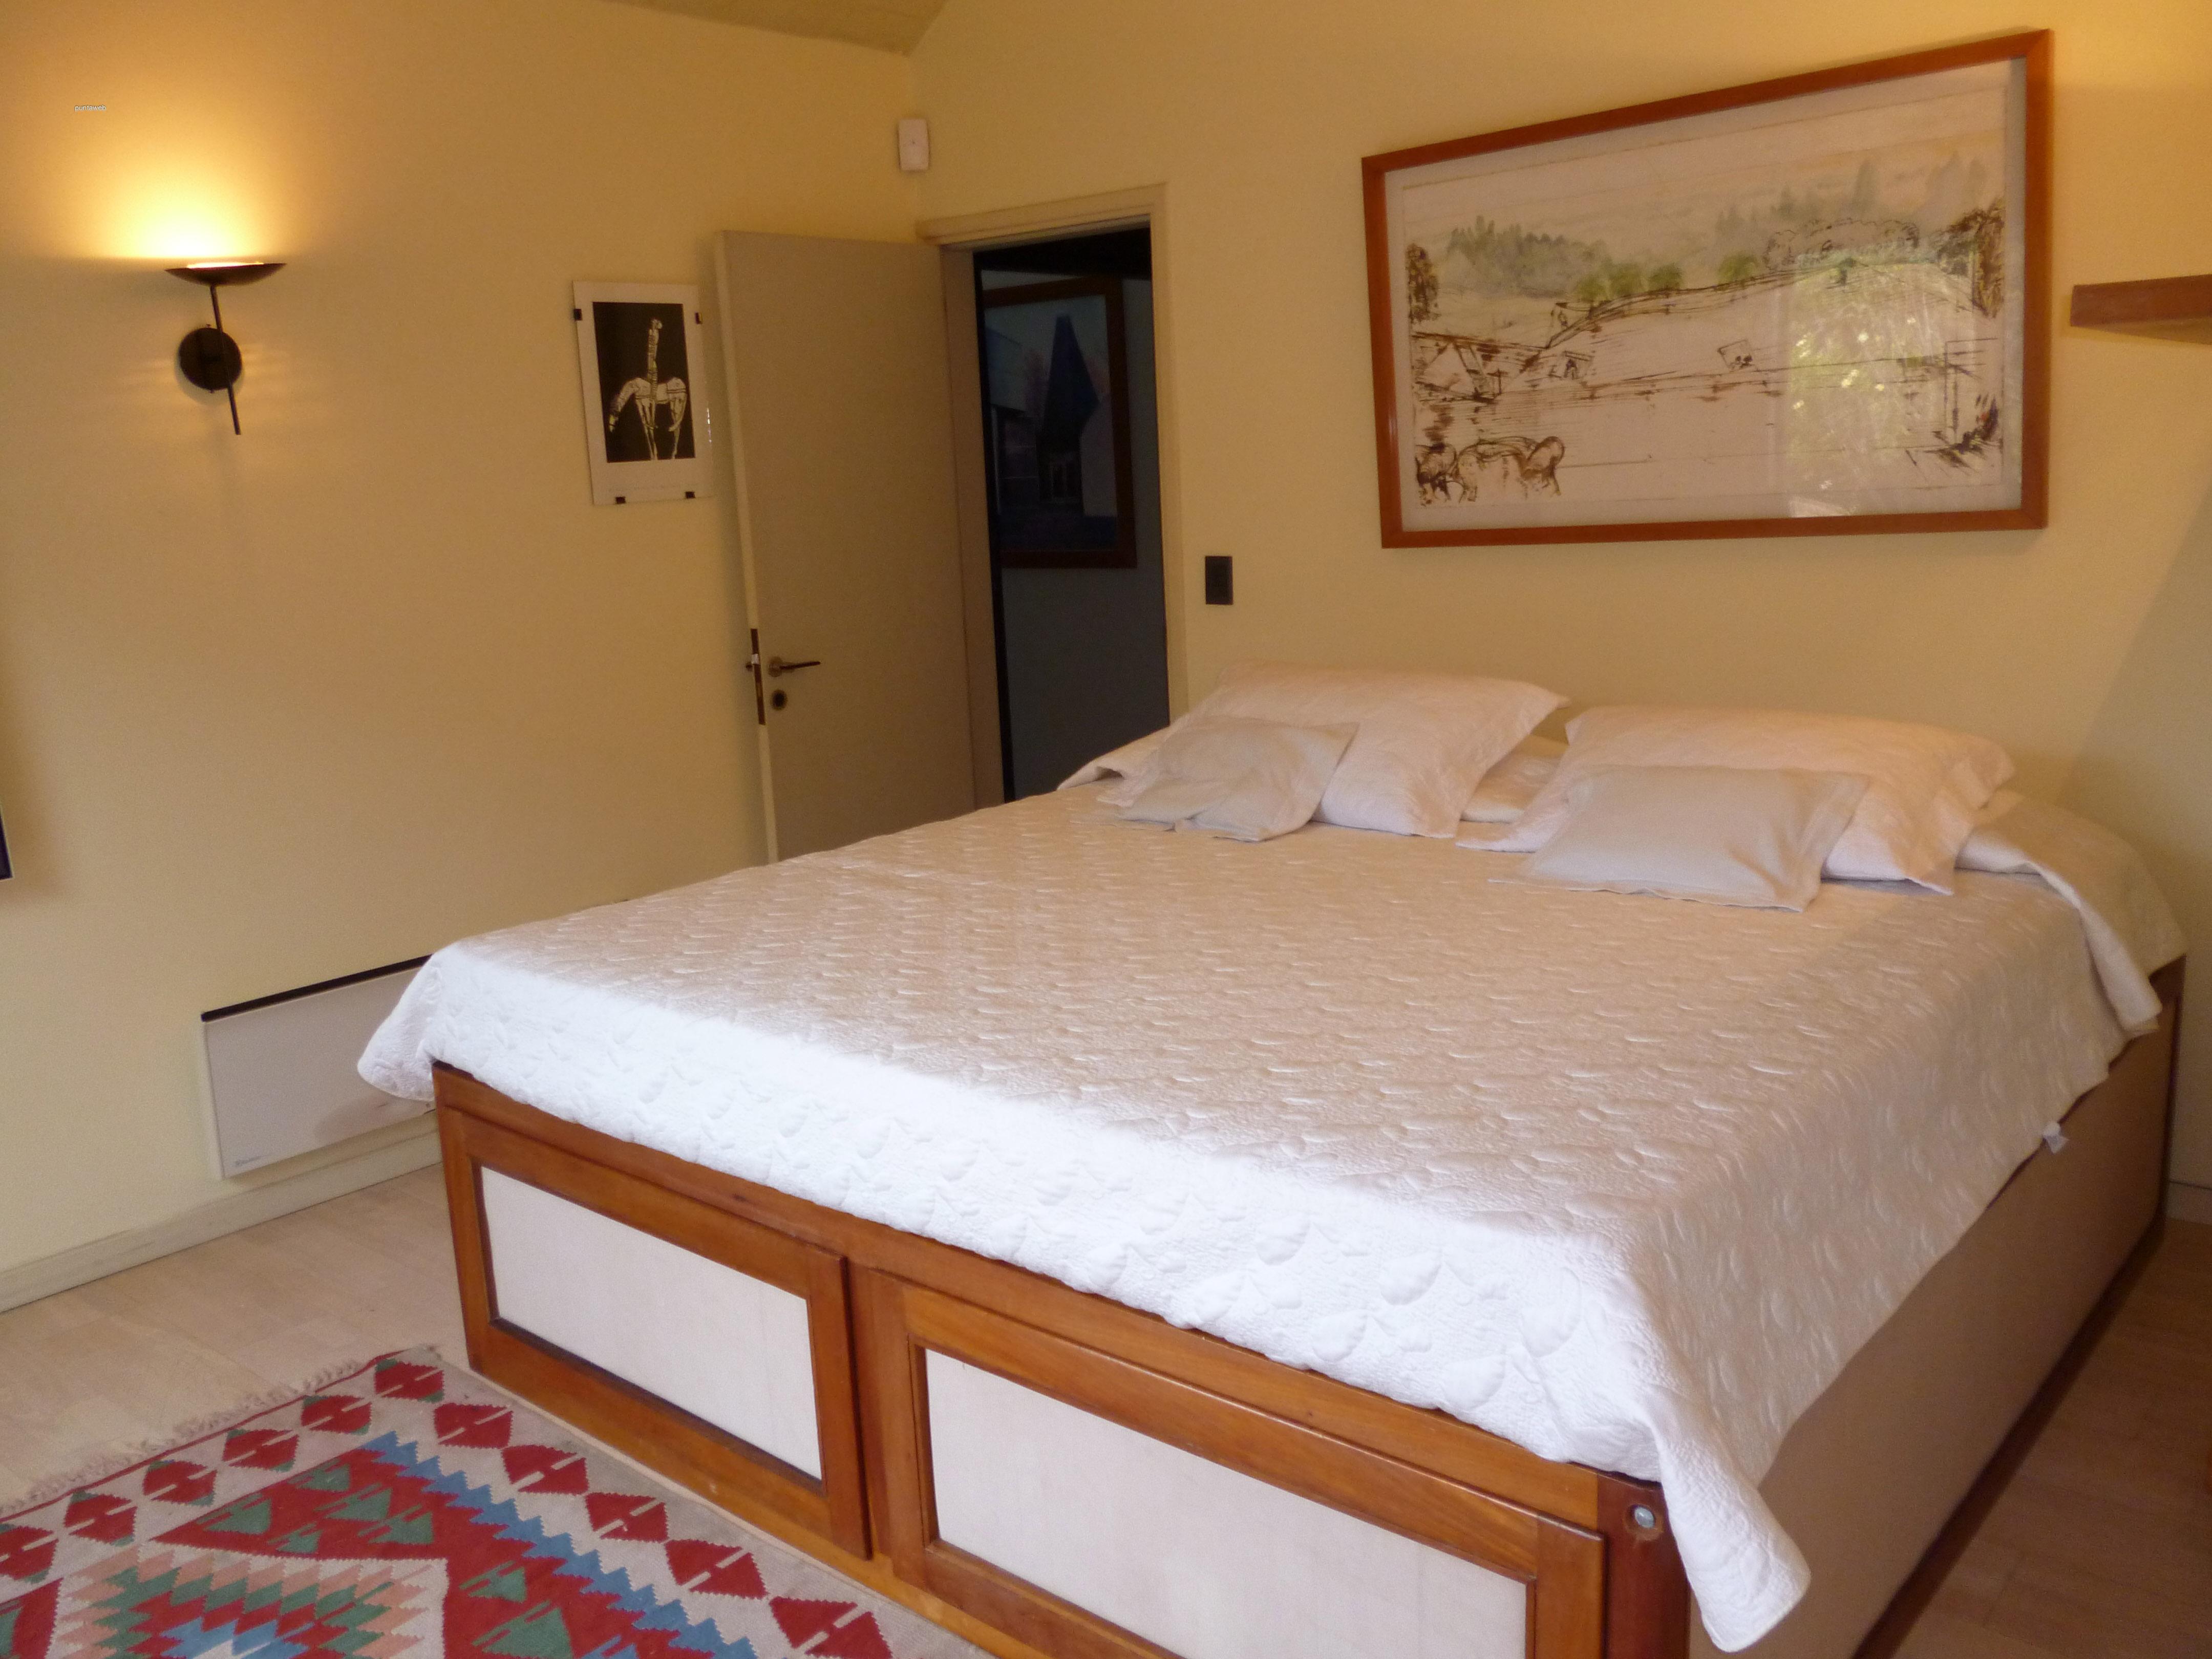 Cuarto dormitorio en suite de excelentes dimensiones, luminosos a toda hora, equipado con cama de dos plazas.